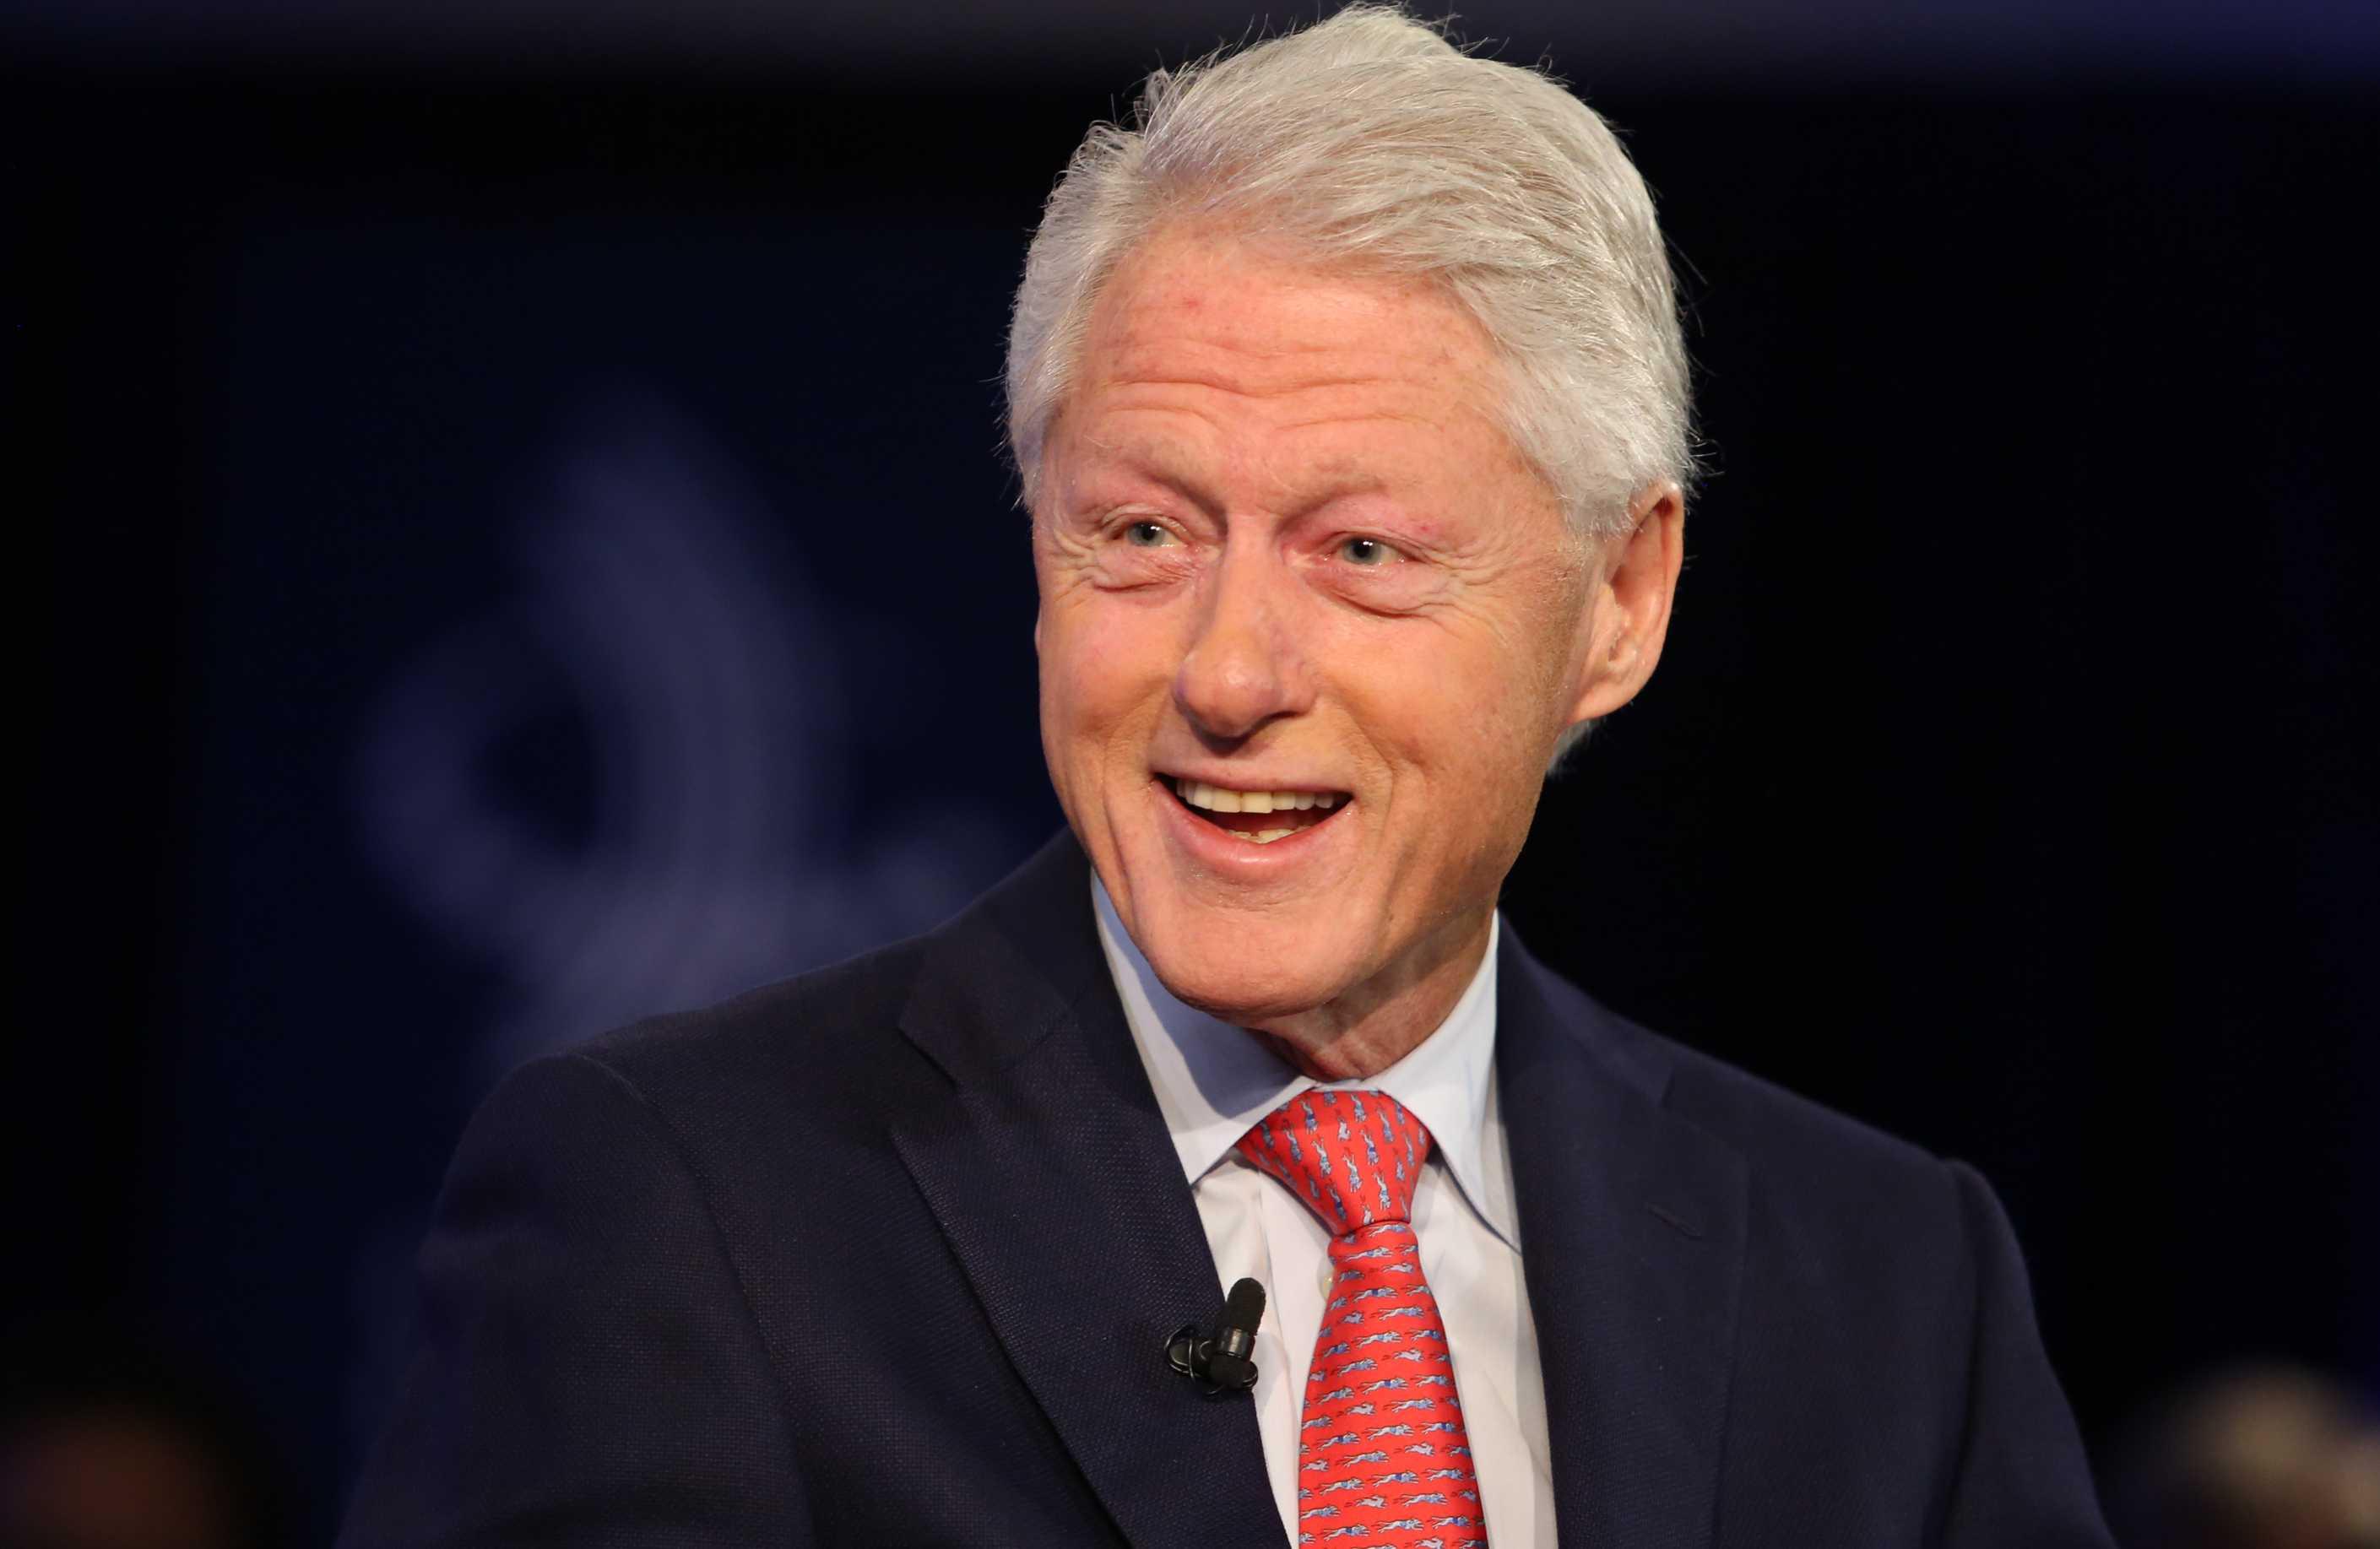 Bill Clinton Early Life